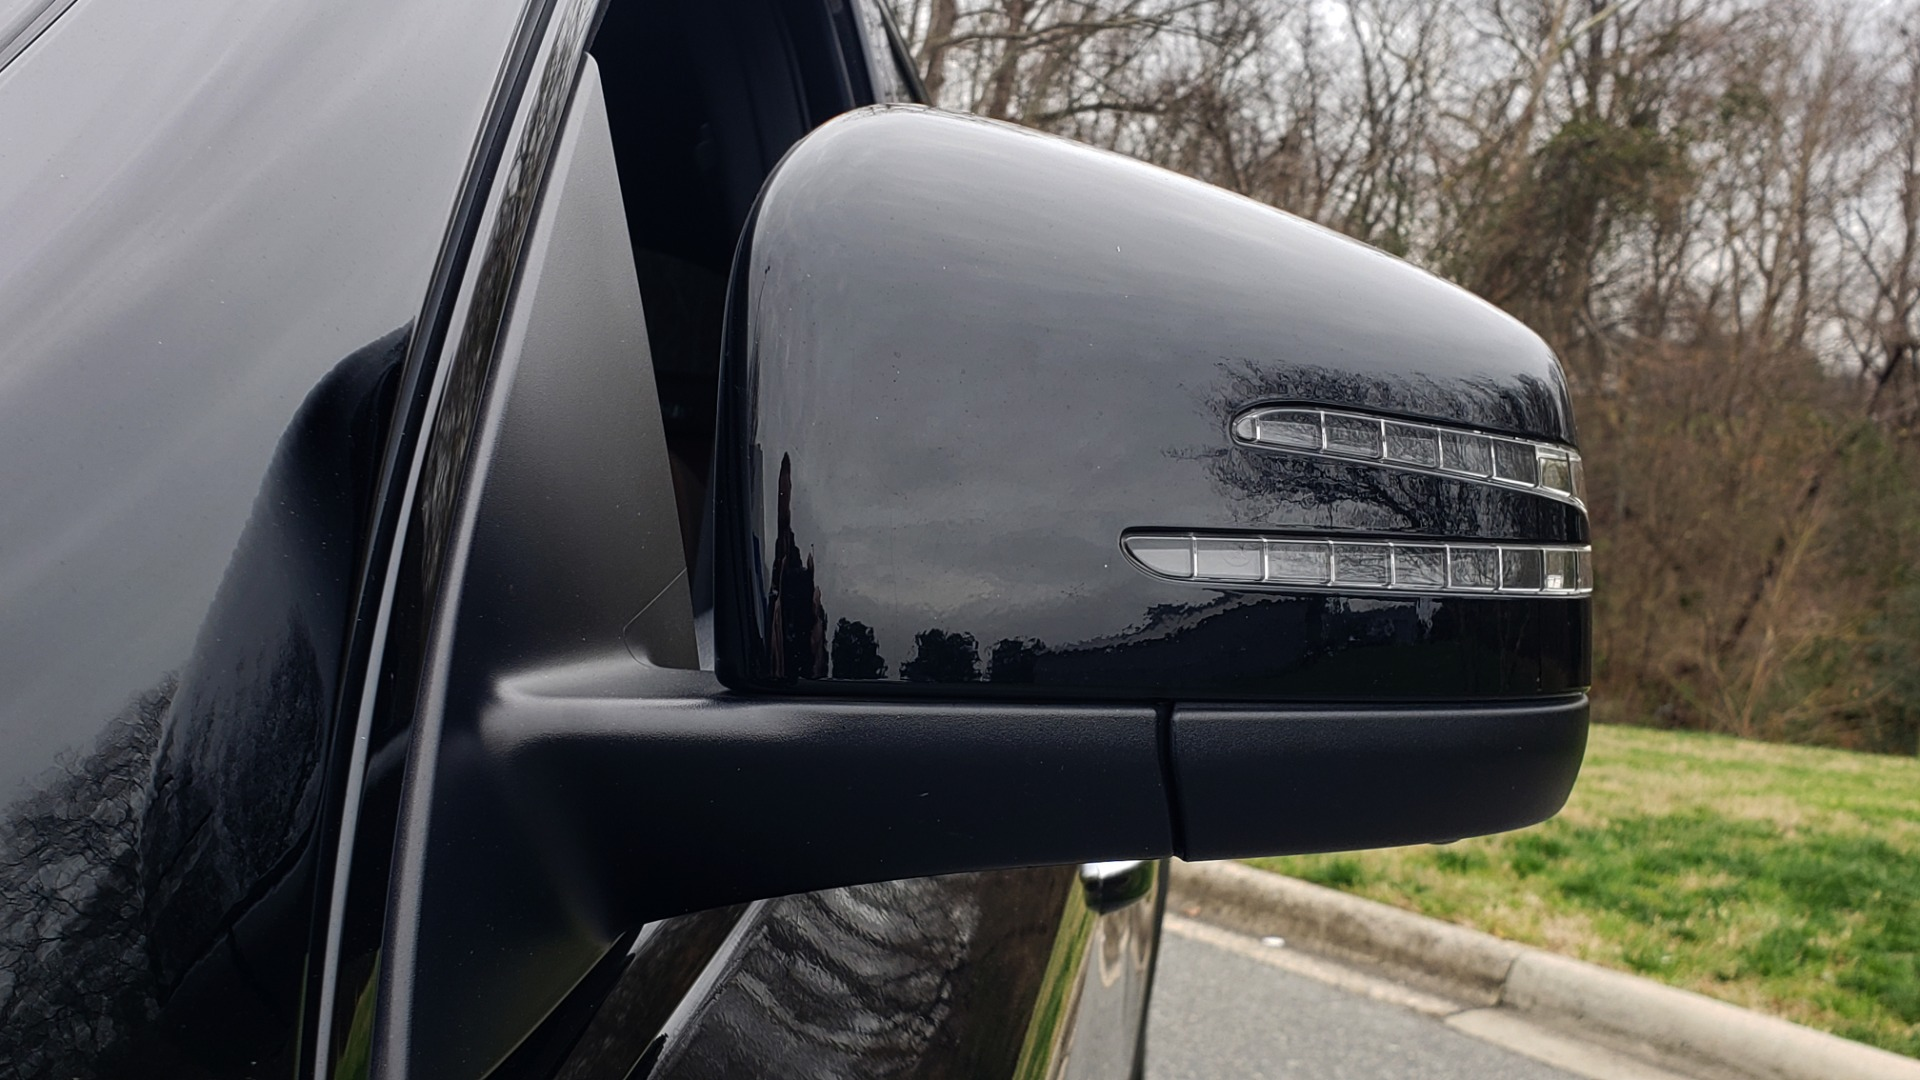 Used 2016 Mercedes-Benz GLE 450 AMG / AWD / PREM PKG / PARK ASST / DRVR ASST / SUNROOF for sale Sold at Formula Imports in Charlotte NC 28227 29